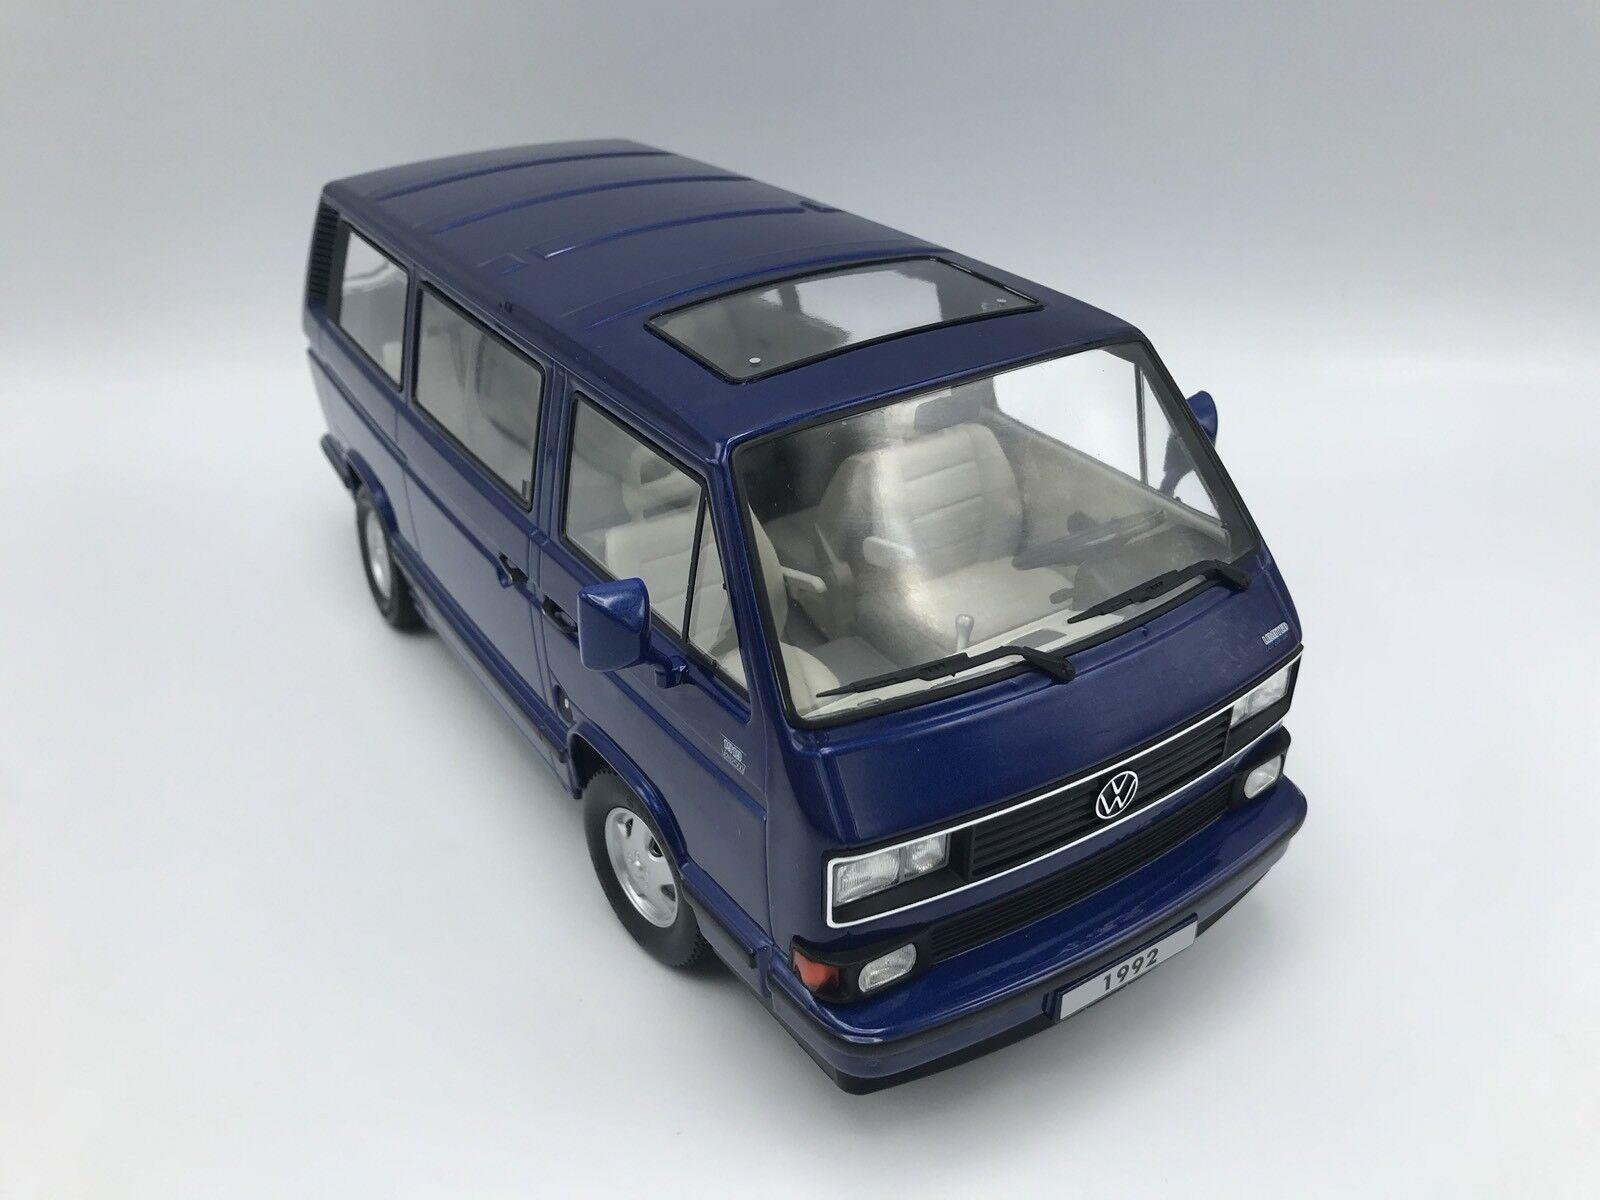 Vw t3 Multivan Limited last edition 1992-Bleu  - 1 18 KK-Scale    nouveau    Commandez maintenant